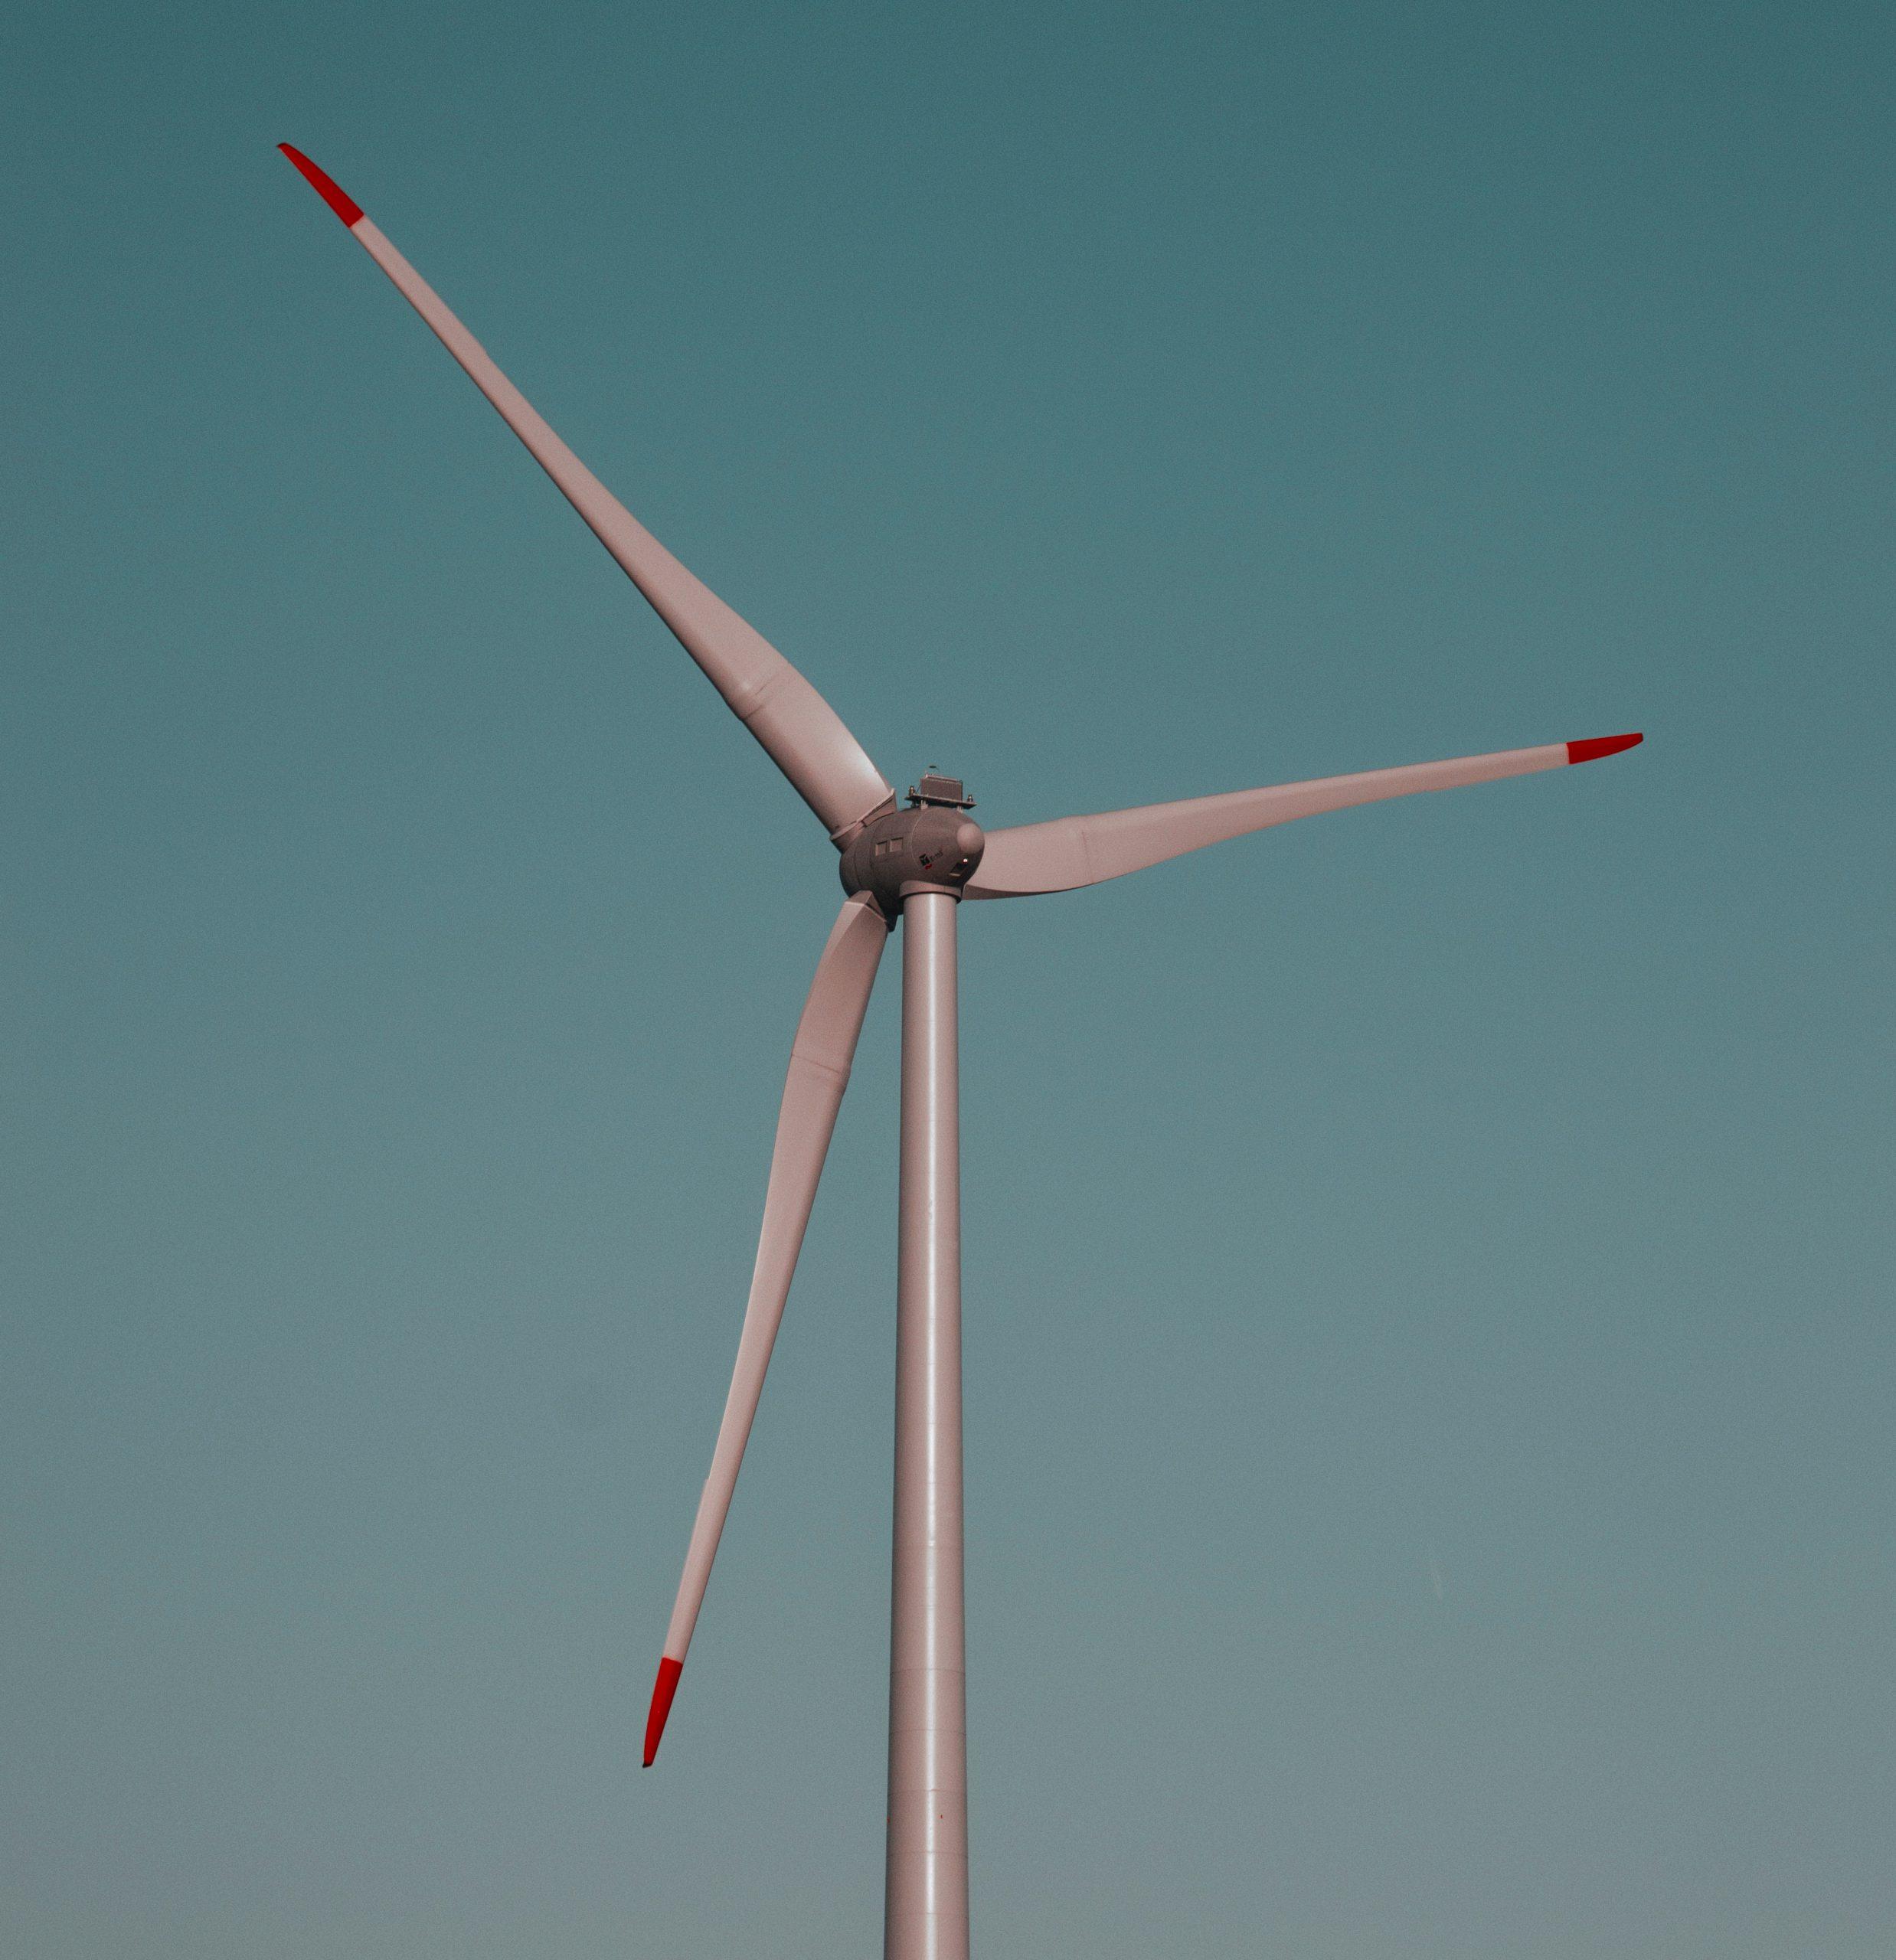 Faits actuels concernant l'énergie éolienne